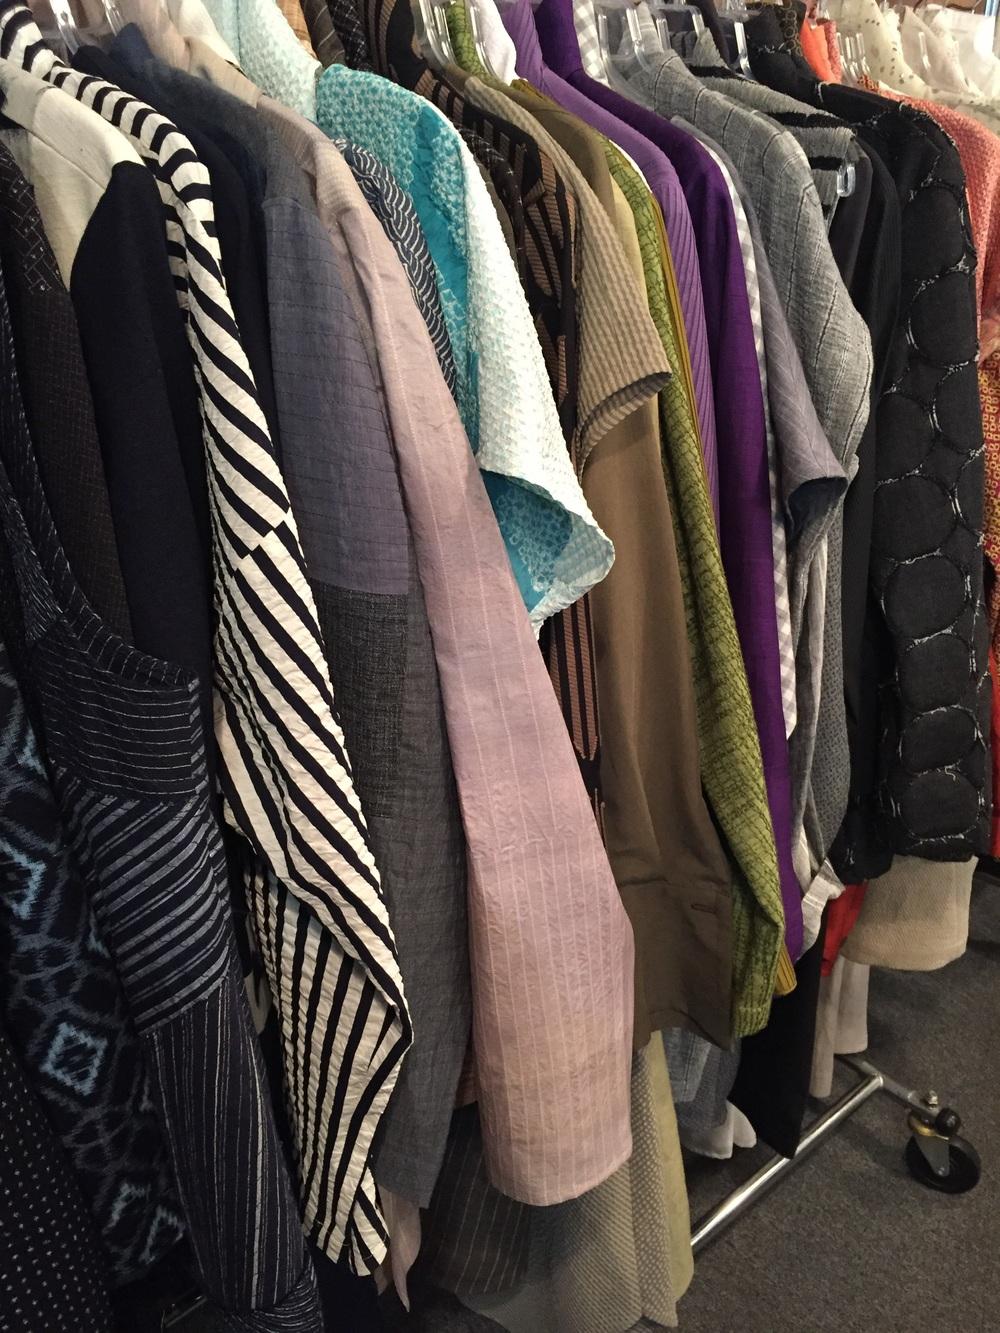 Spring clothes.